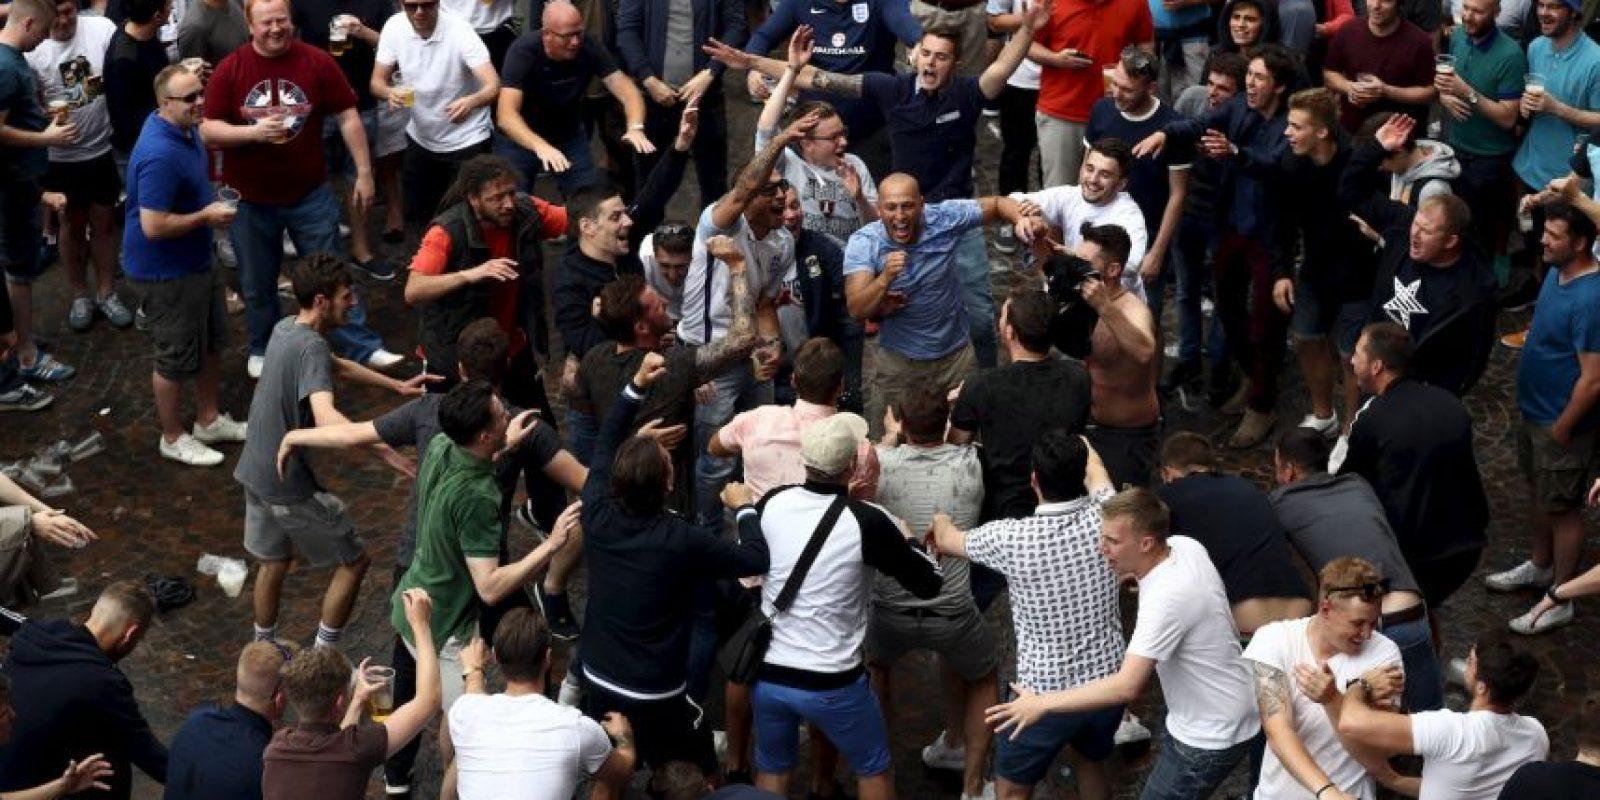 Pero ahora no sólo avergonzaron a la gente con sus peleas y disturbios, sino que fueron más allá y humillaron a unos niños gitanos que pedían limosna Foto:Getty Images